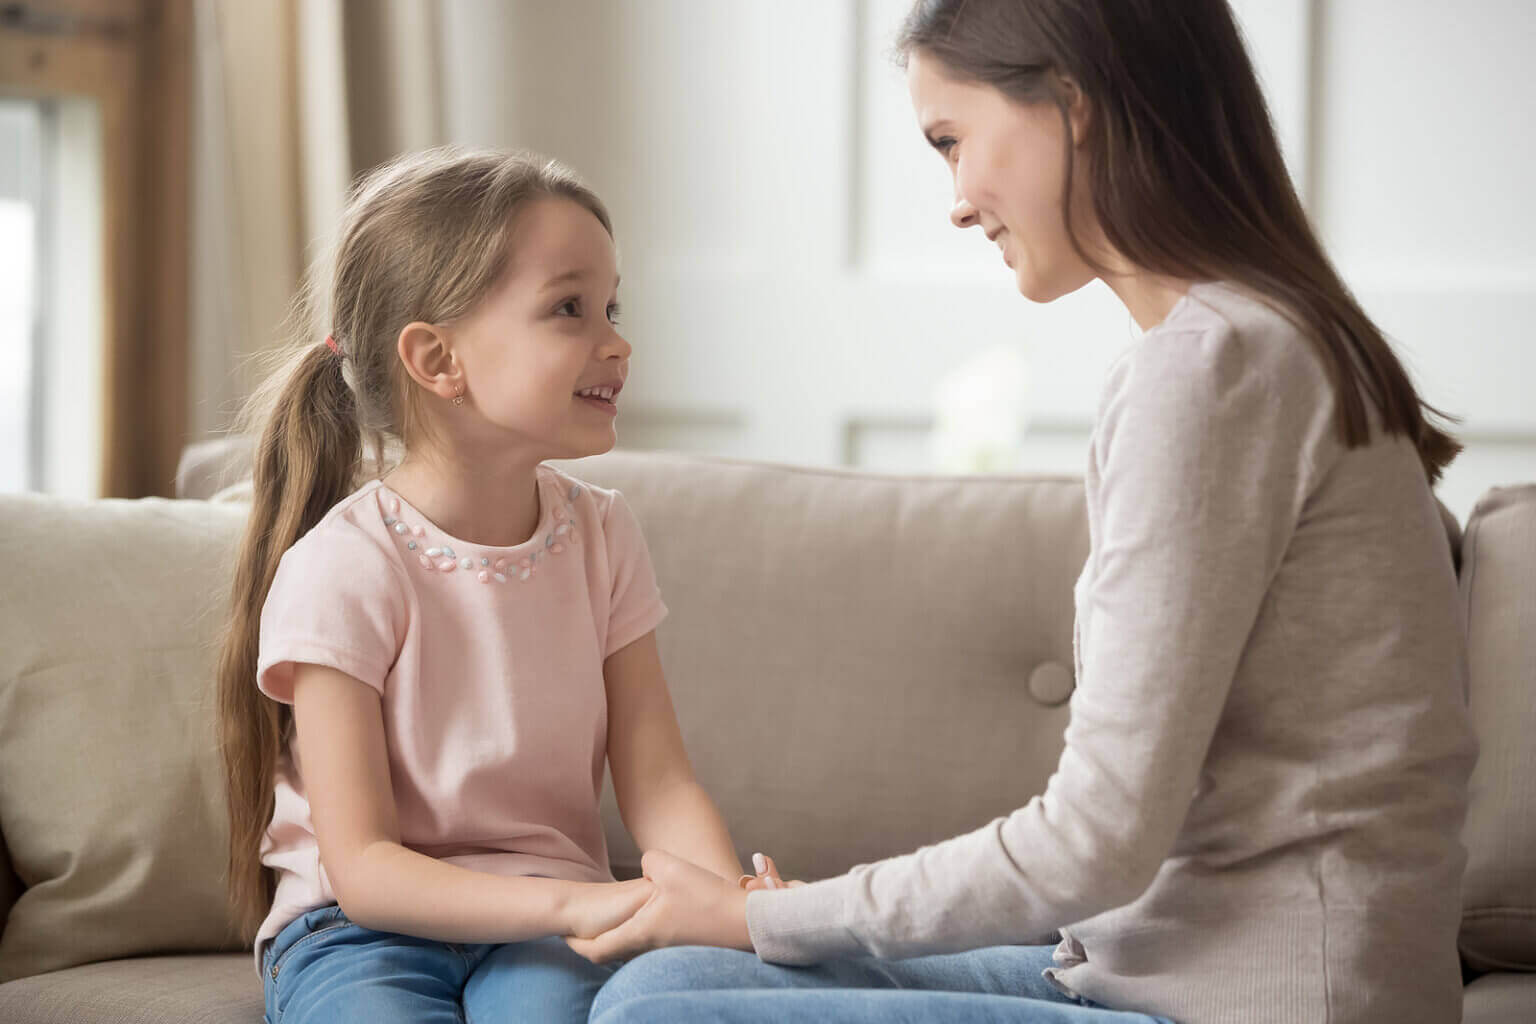 母親と娘の会話